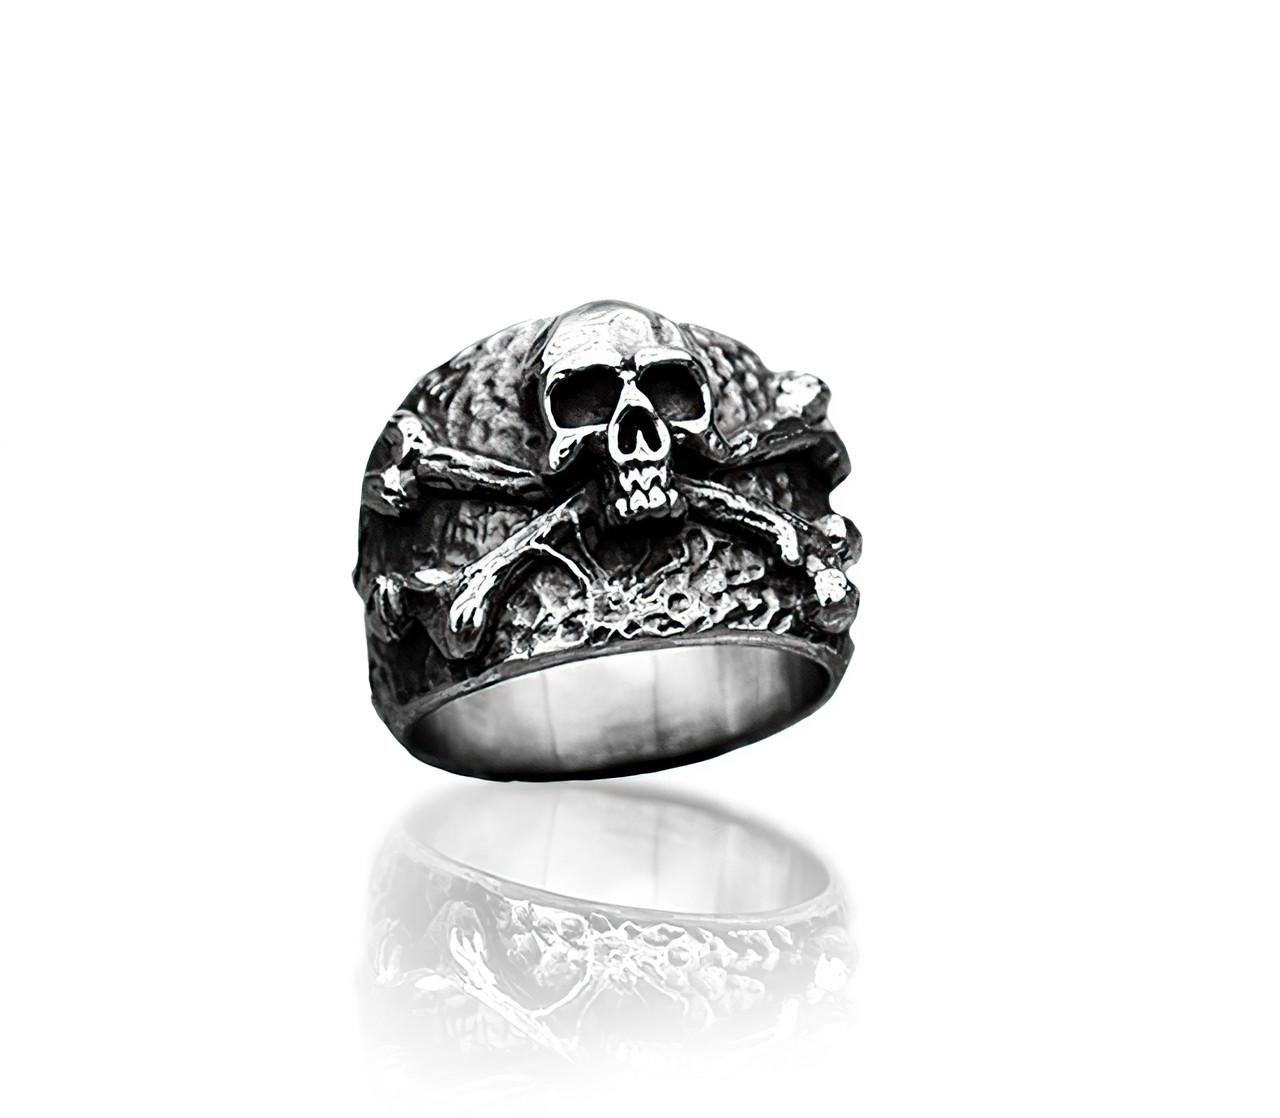 Кольцо серебряное Череп Пирата КЦ-151 Б